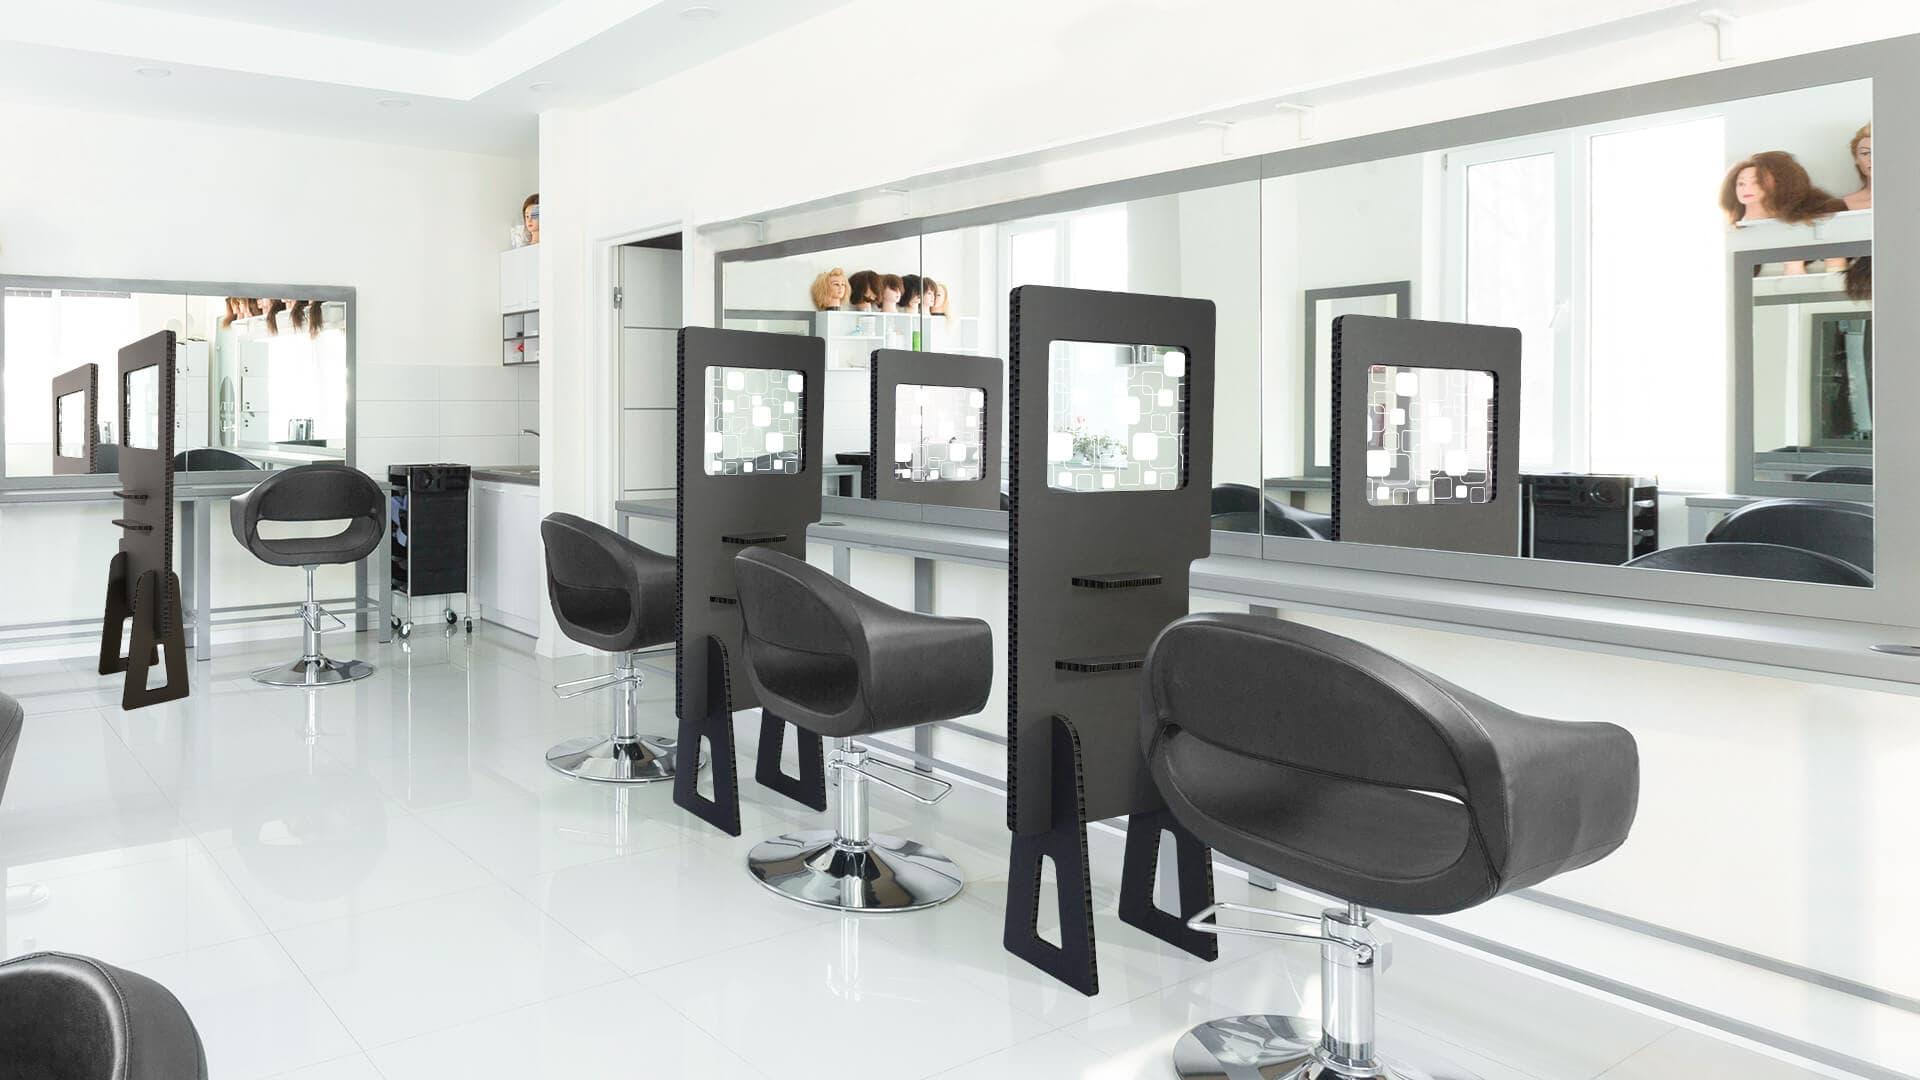 Divisorio ambienti in Nidoboard nero per parrucchieri | tictac.it